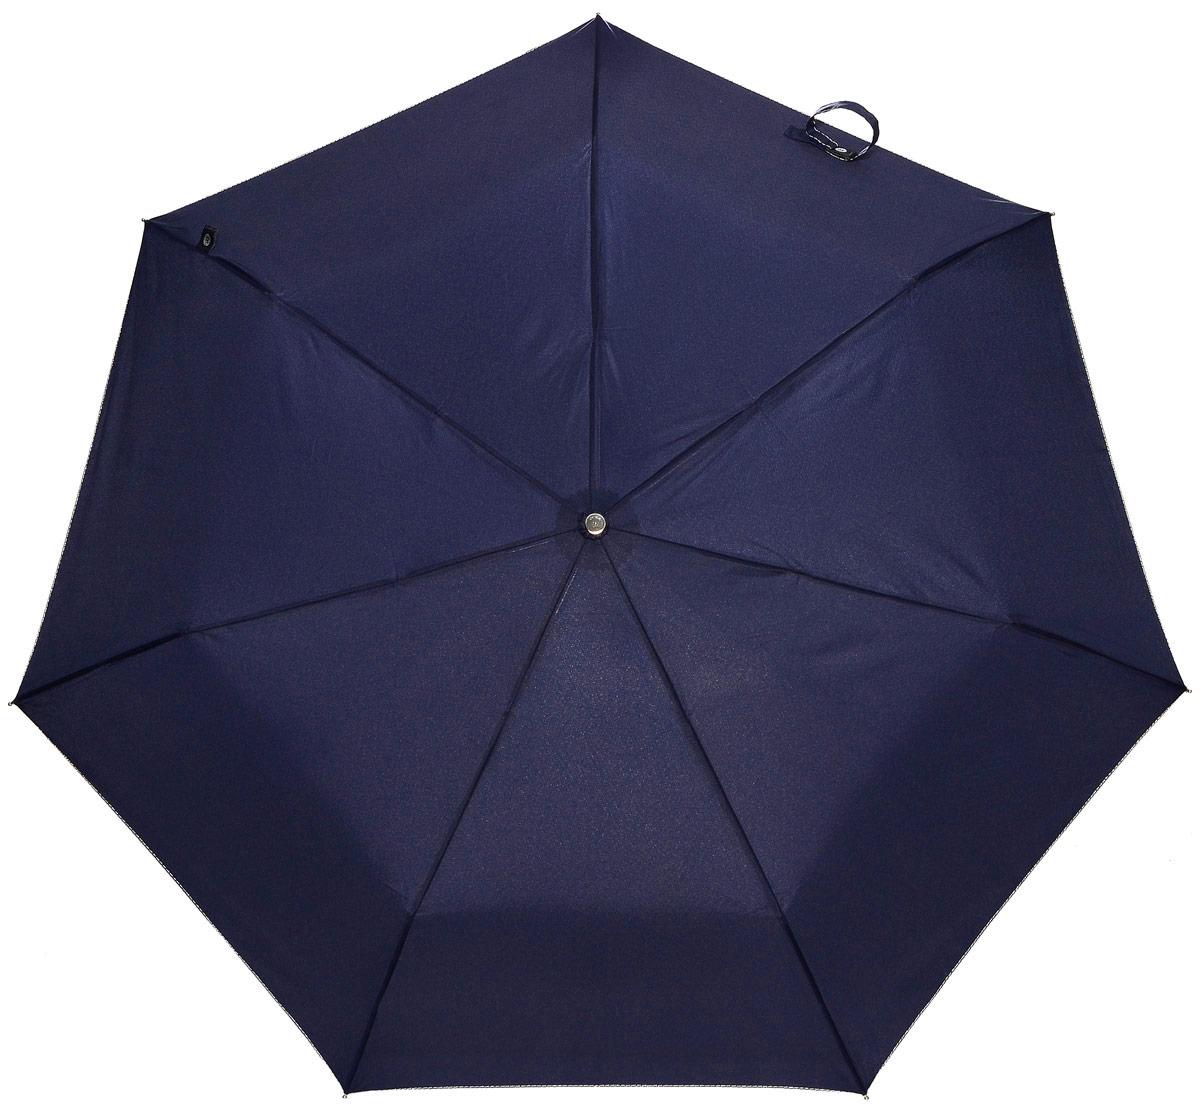 Bisetti 3580-1 Зонт полный автом. 3 сл. жен.3580-1Зонт испанского производителя Clima. В производстве зонтов используются современные материалы, что делает зонты легкими, но в то же время крепкими.Полный автомат, 3 сложения, 8 спиц по 54см, полиэстер.